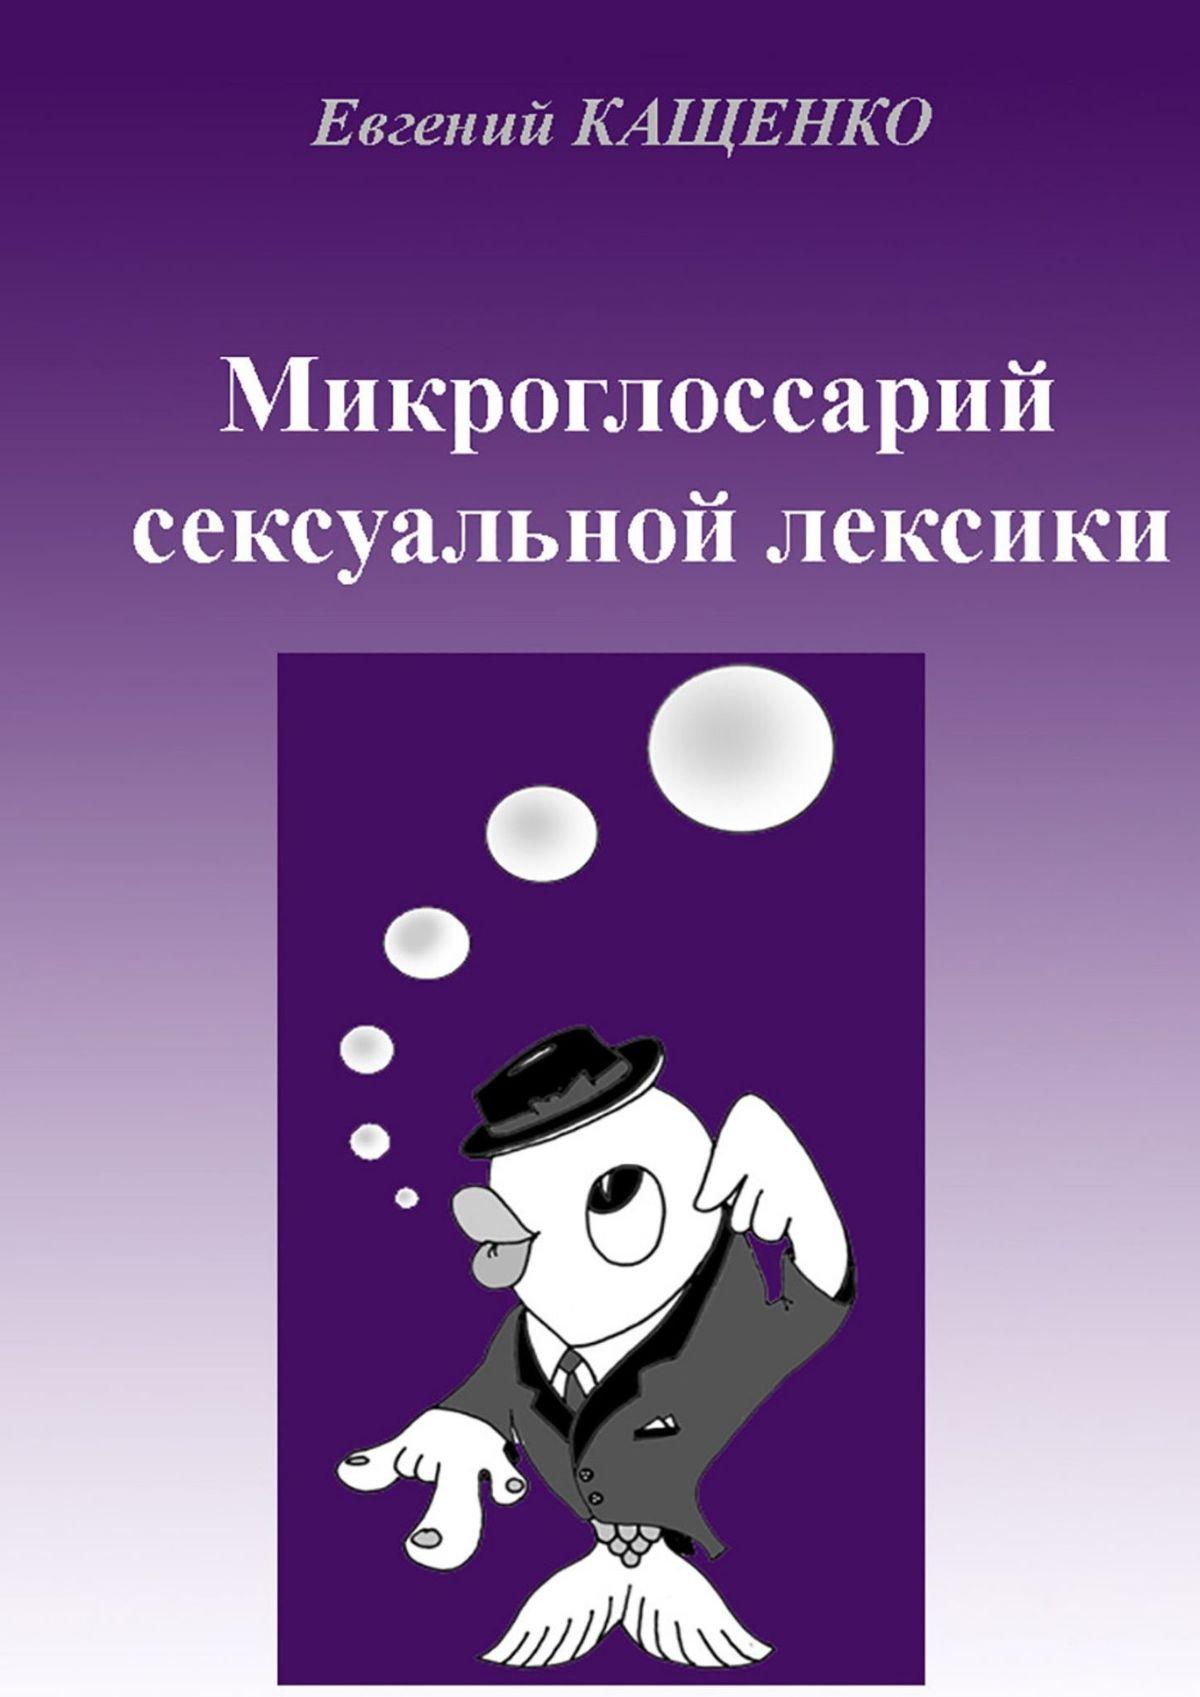 Евгений Августович Кащенко Микроглоссарий сексуальной лексики. Термины социокультурной сексологии